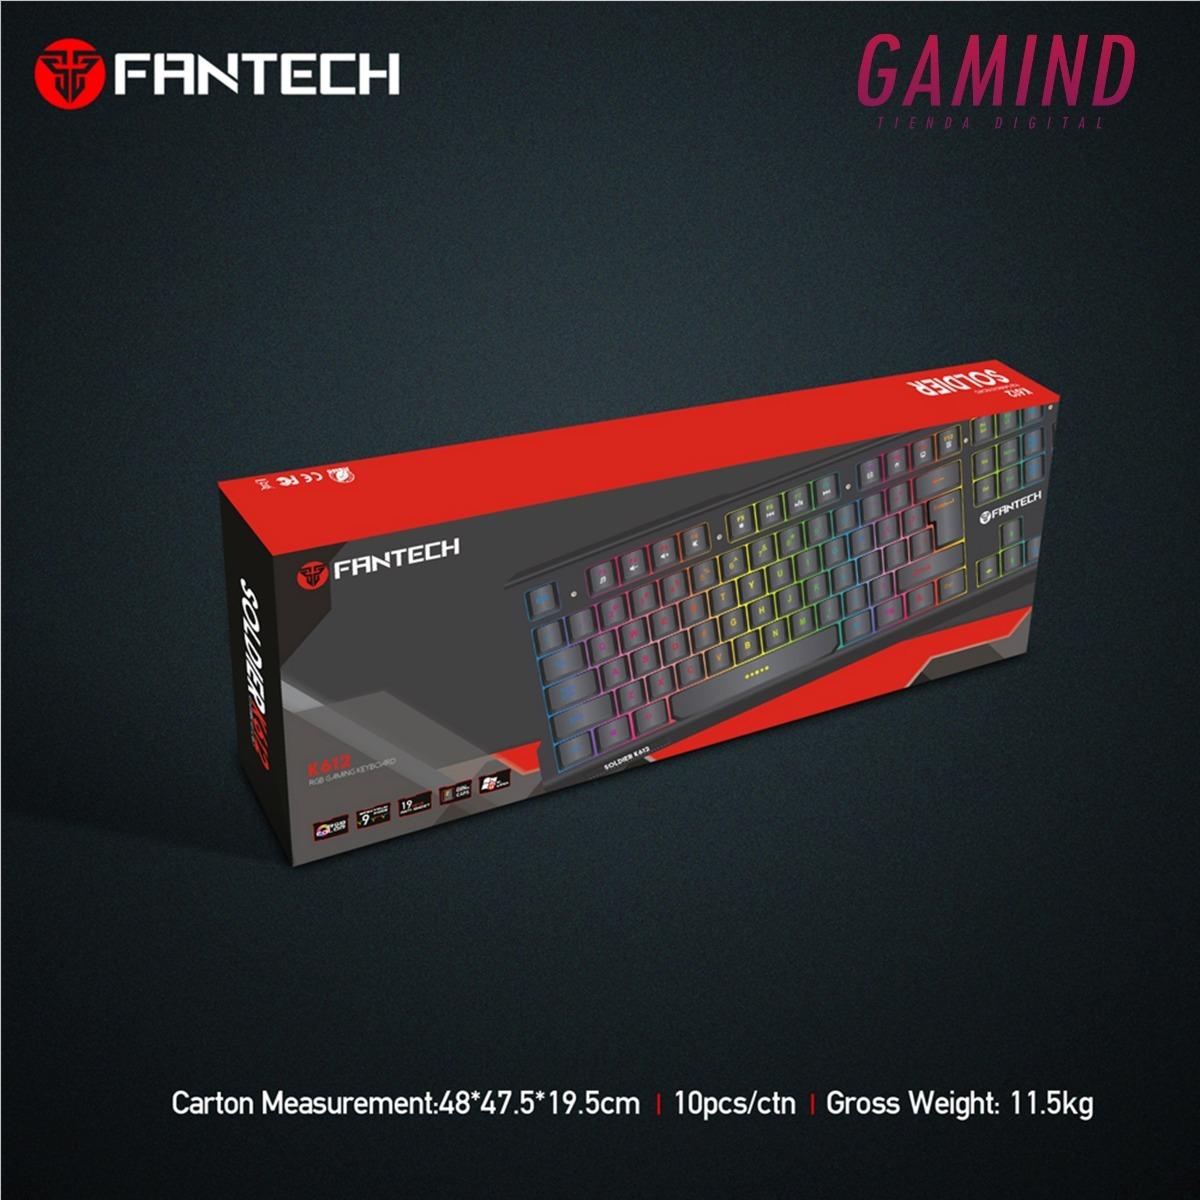 41e286da0a9 Teclado Fantech K612 Soldier Gamer Rgb - $ 1.285,00 en Mercado Libre